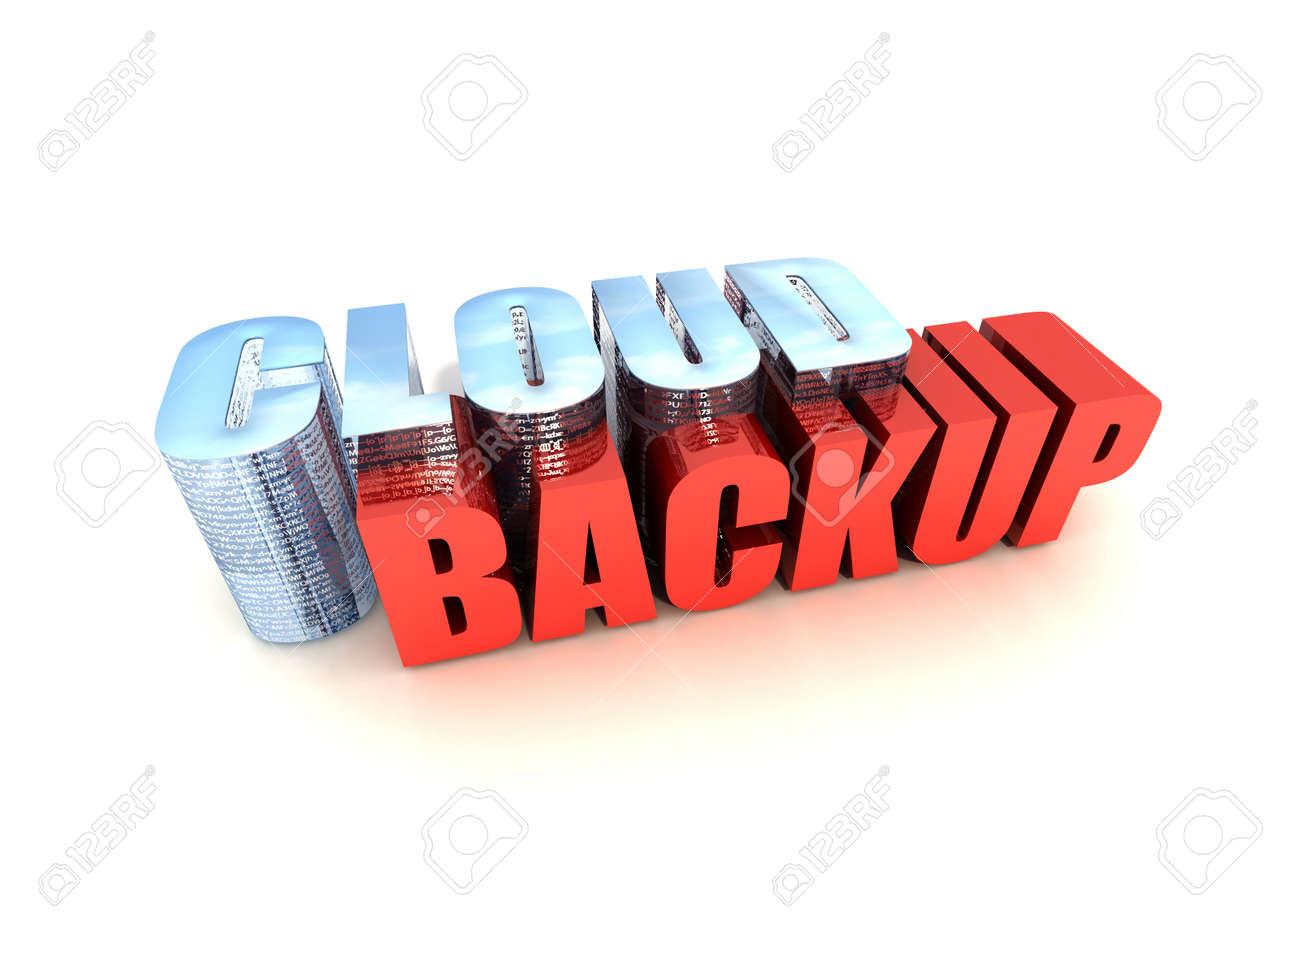 Web-based Data Backup Service Isolated on White Background Stock Photo - 9209399